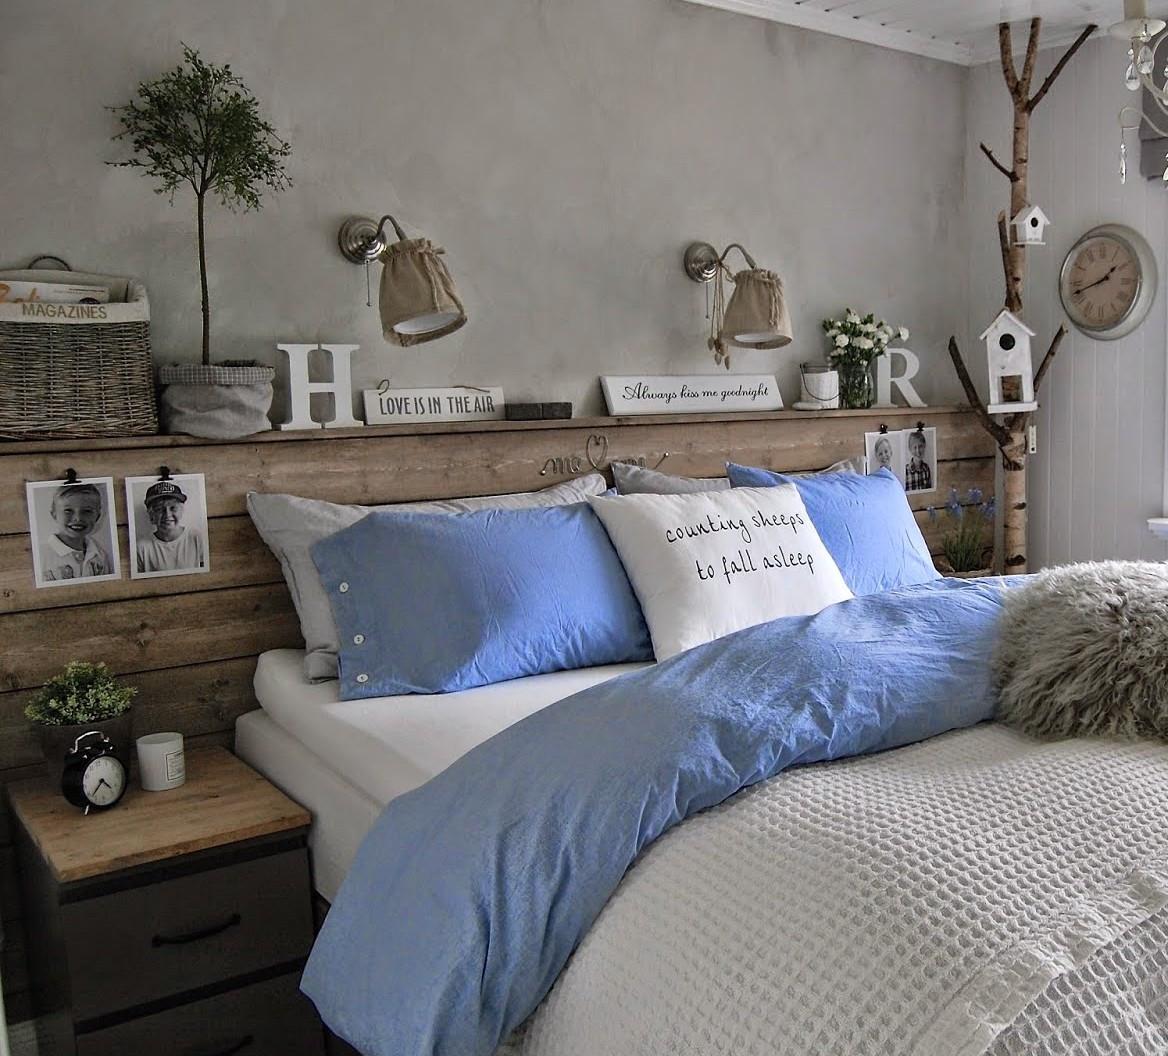 Kopfteil Bett Diy  50 Schlafzimmer Ideen für Bett Kopfteil selber machen